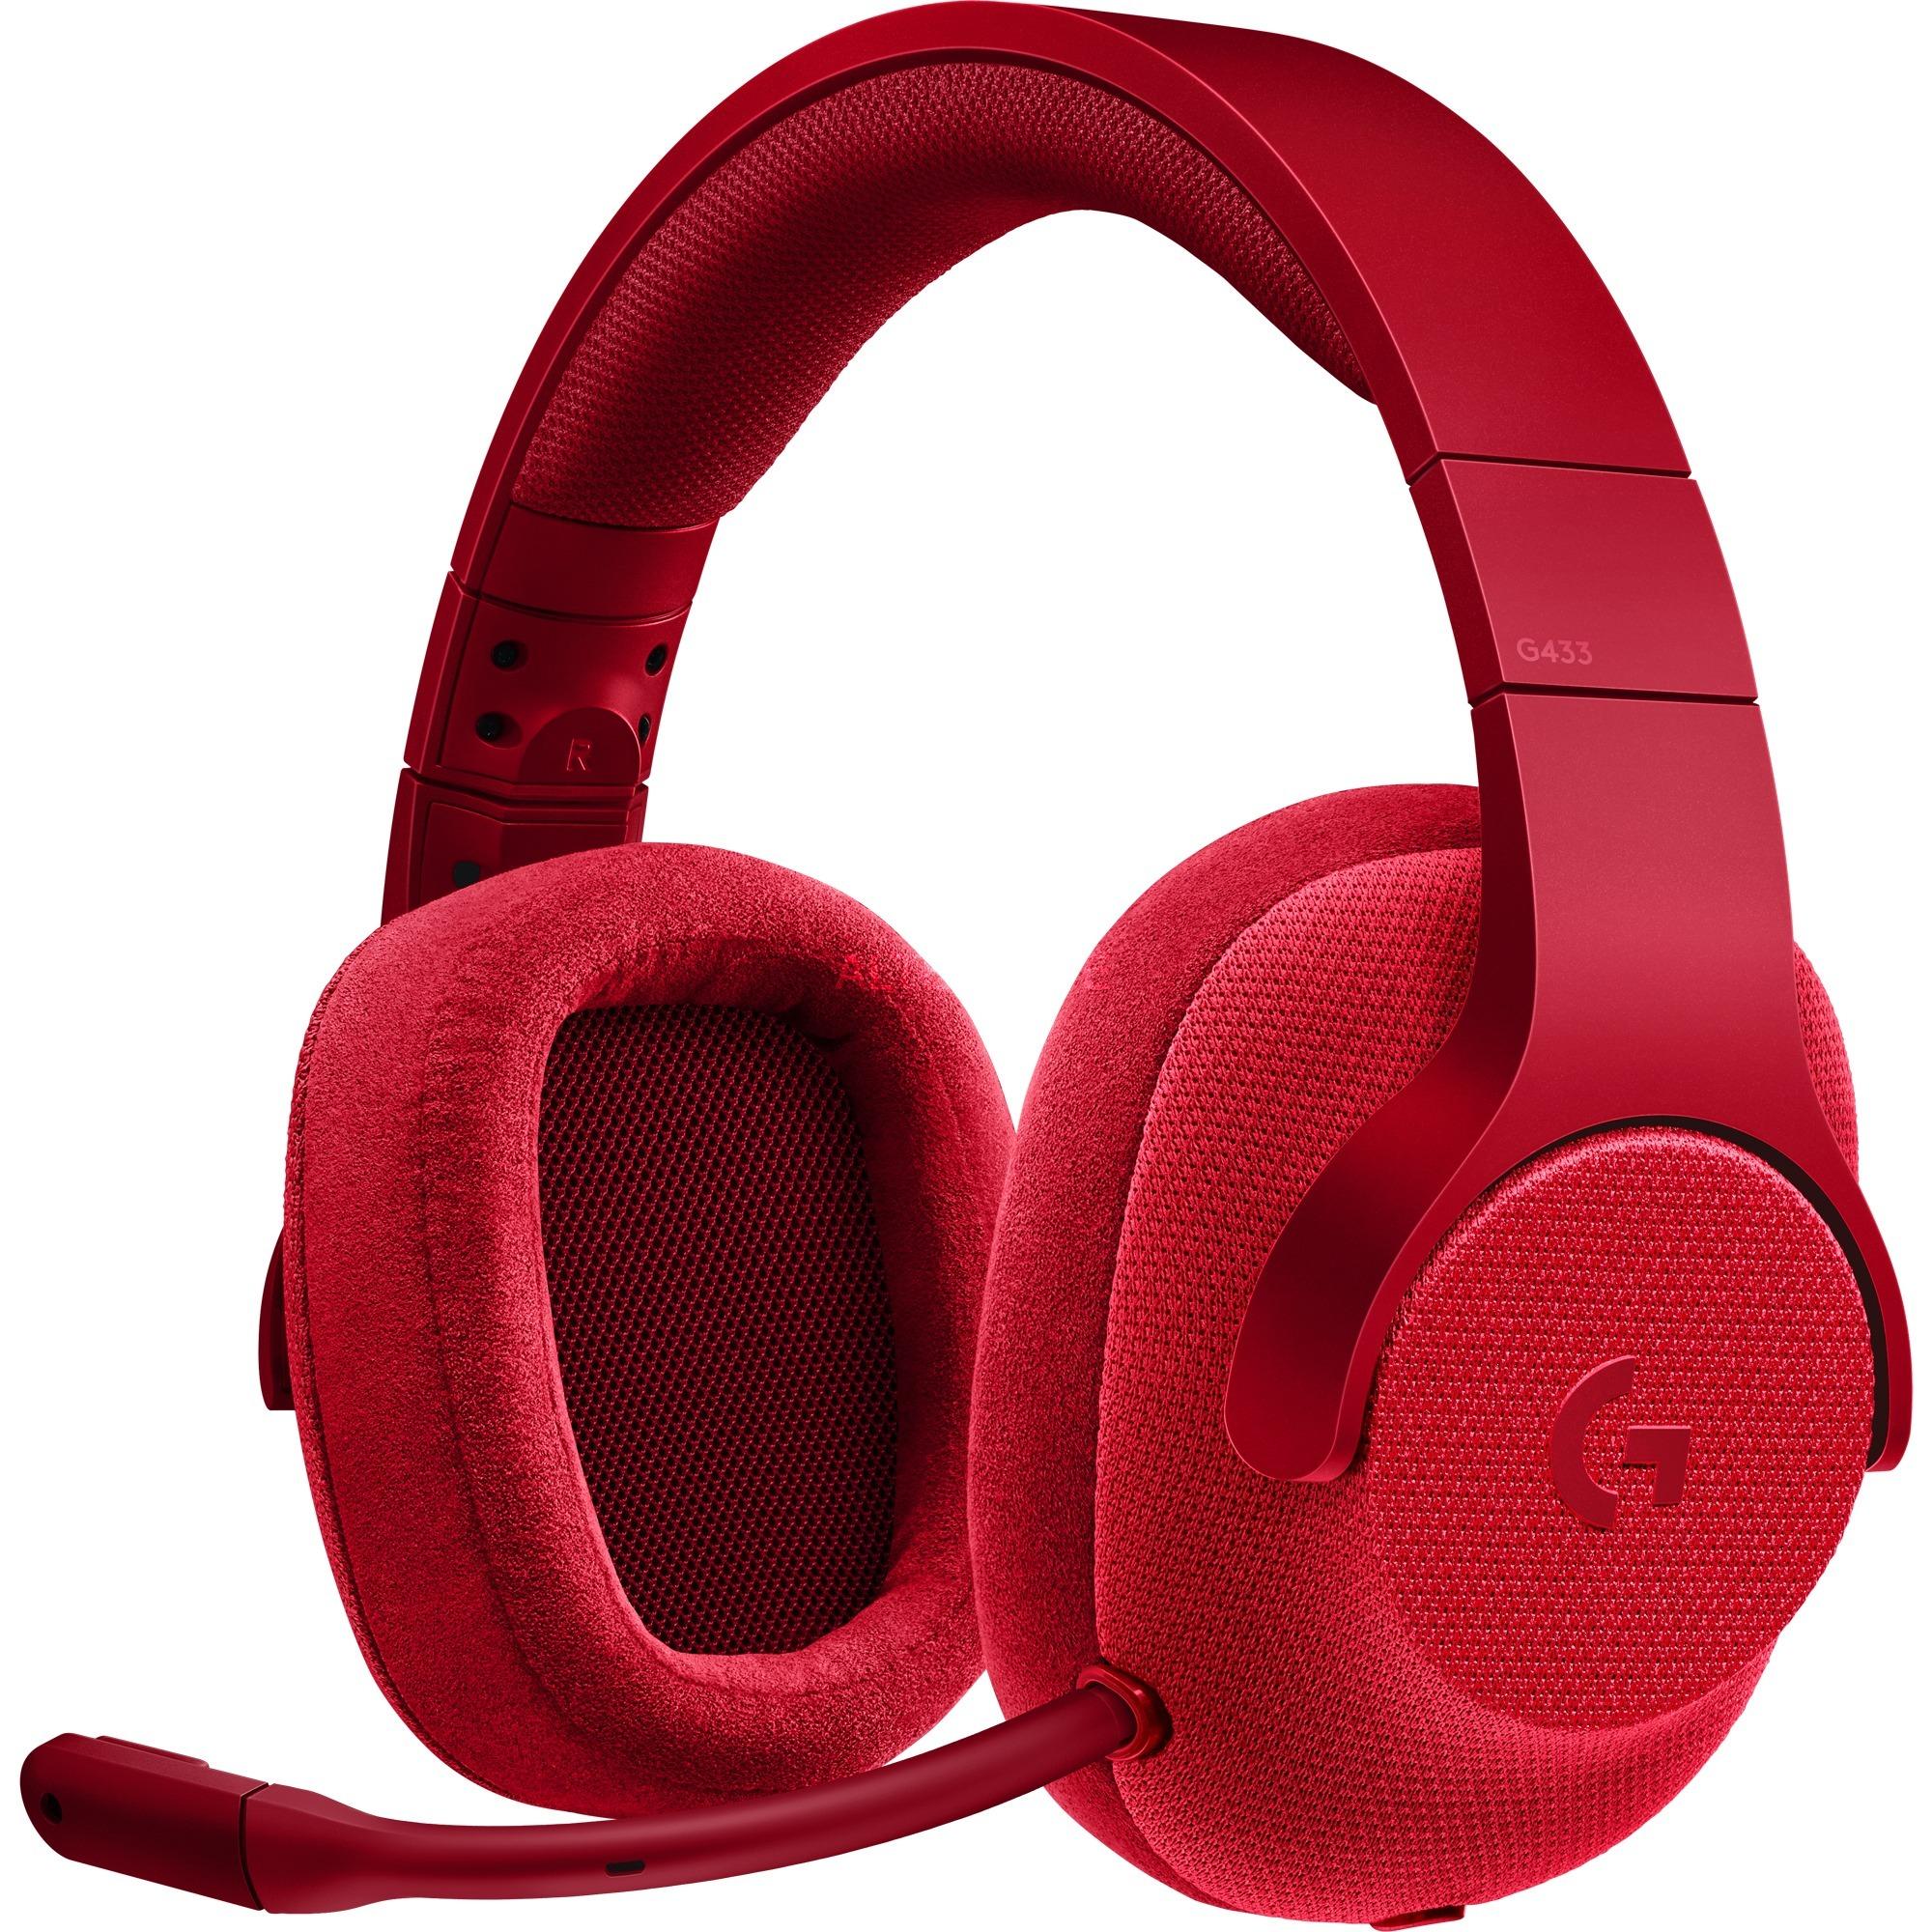 g433-binaural-pandebaand-rod-headsat-headset